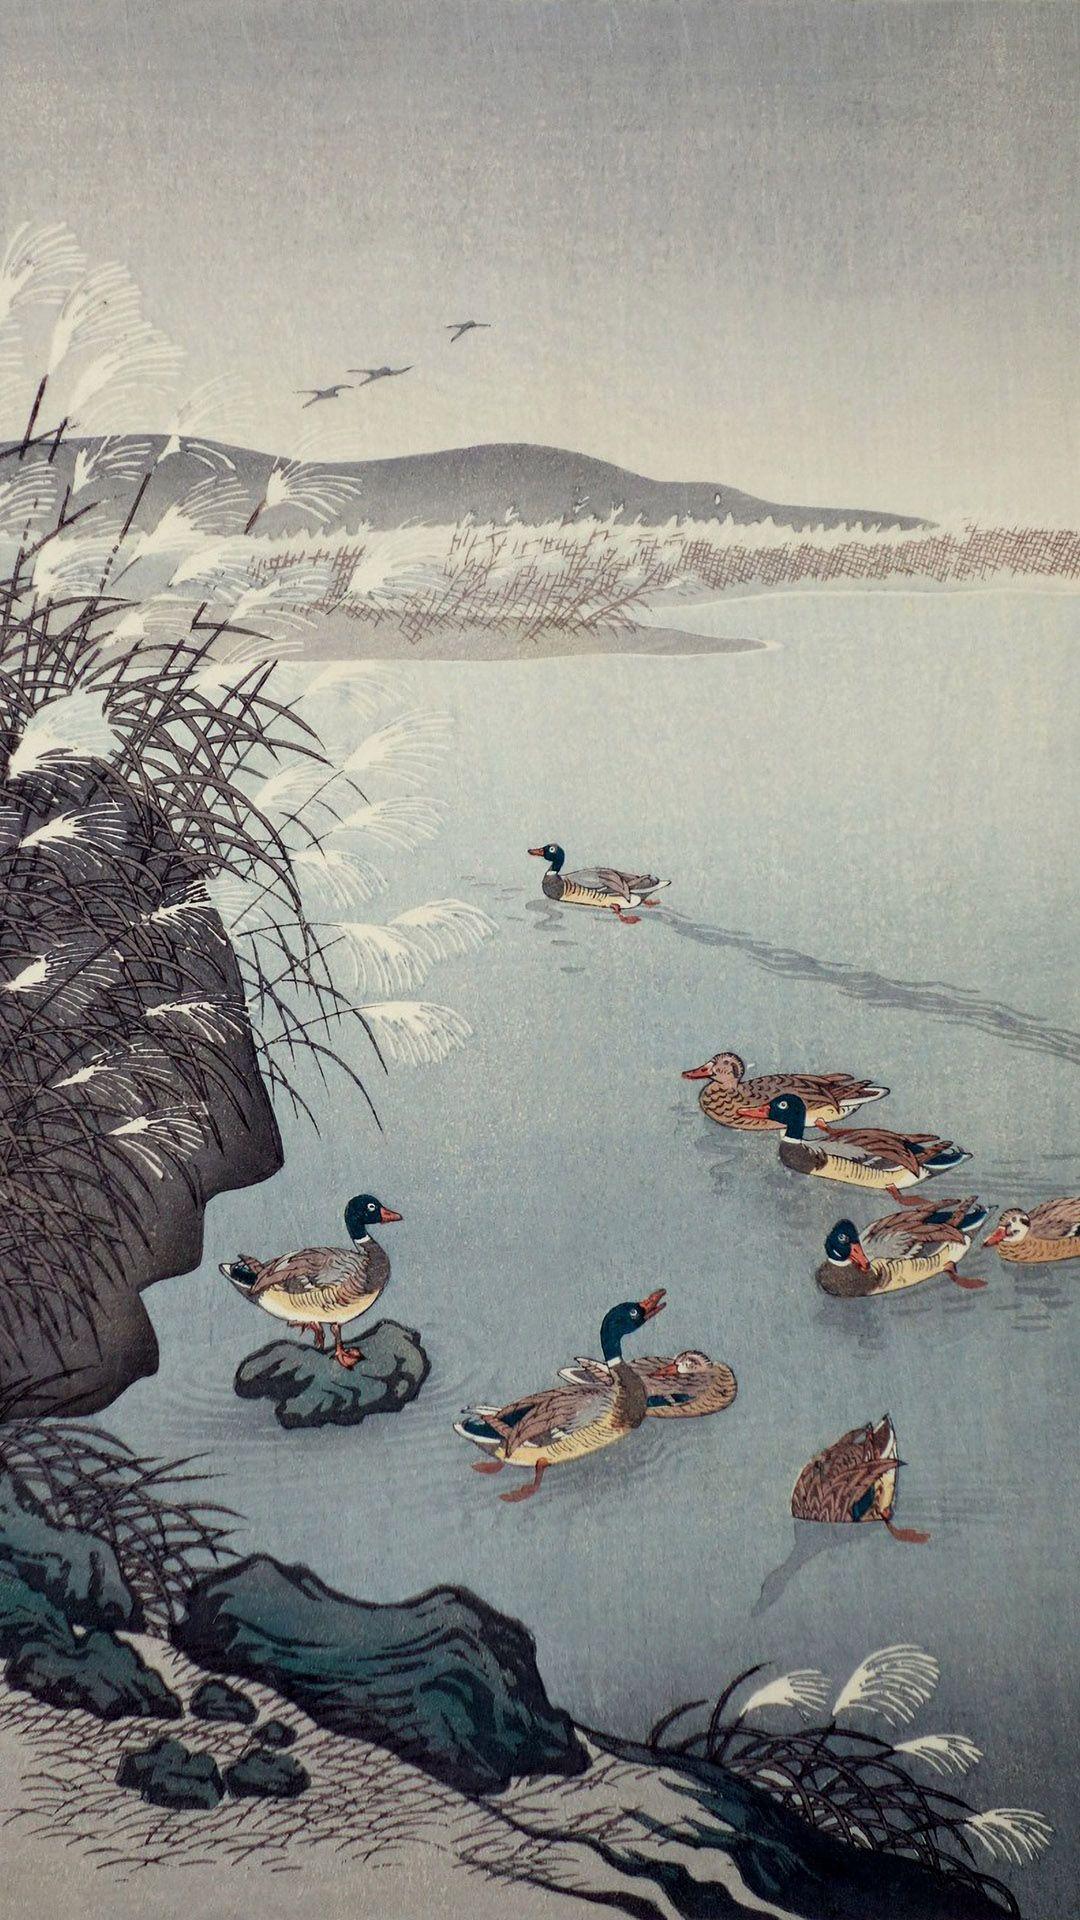 小原古邨 晩秋の池 Ohara Koson Banshu No Ike 1080 19 小原古邨 携帯電話の壁紙 日本美術